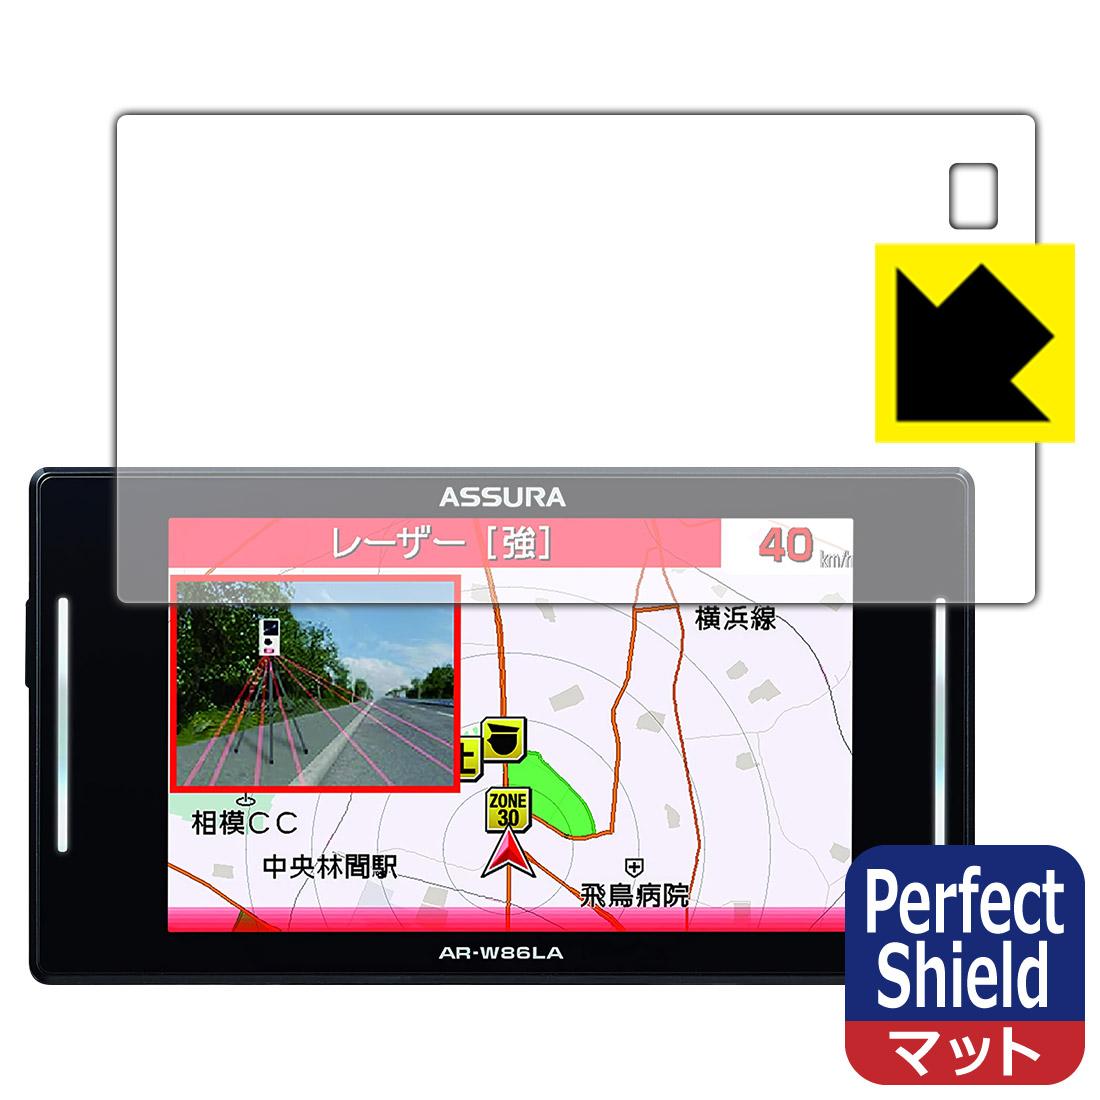 アンチグレアタイプ 非光沢 ◆高品質 GPSレーダー探知機 ASSURA AR-W86LA 信憑 専用保護フィルム Shield smtb-kd Perfect 保護シート